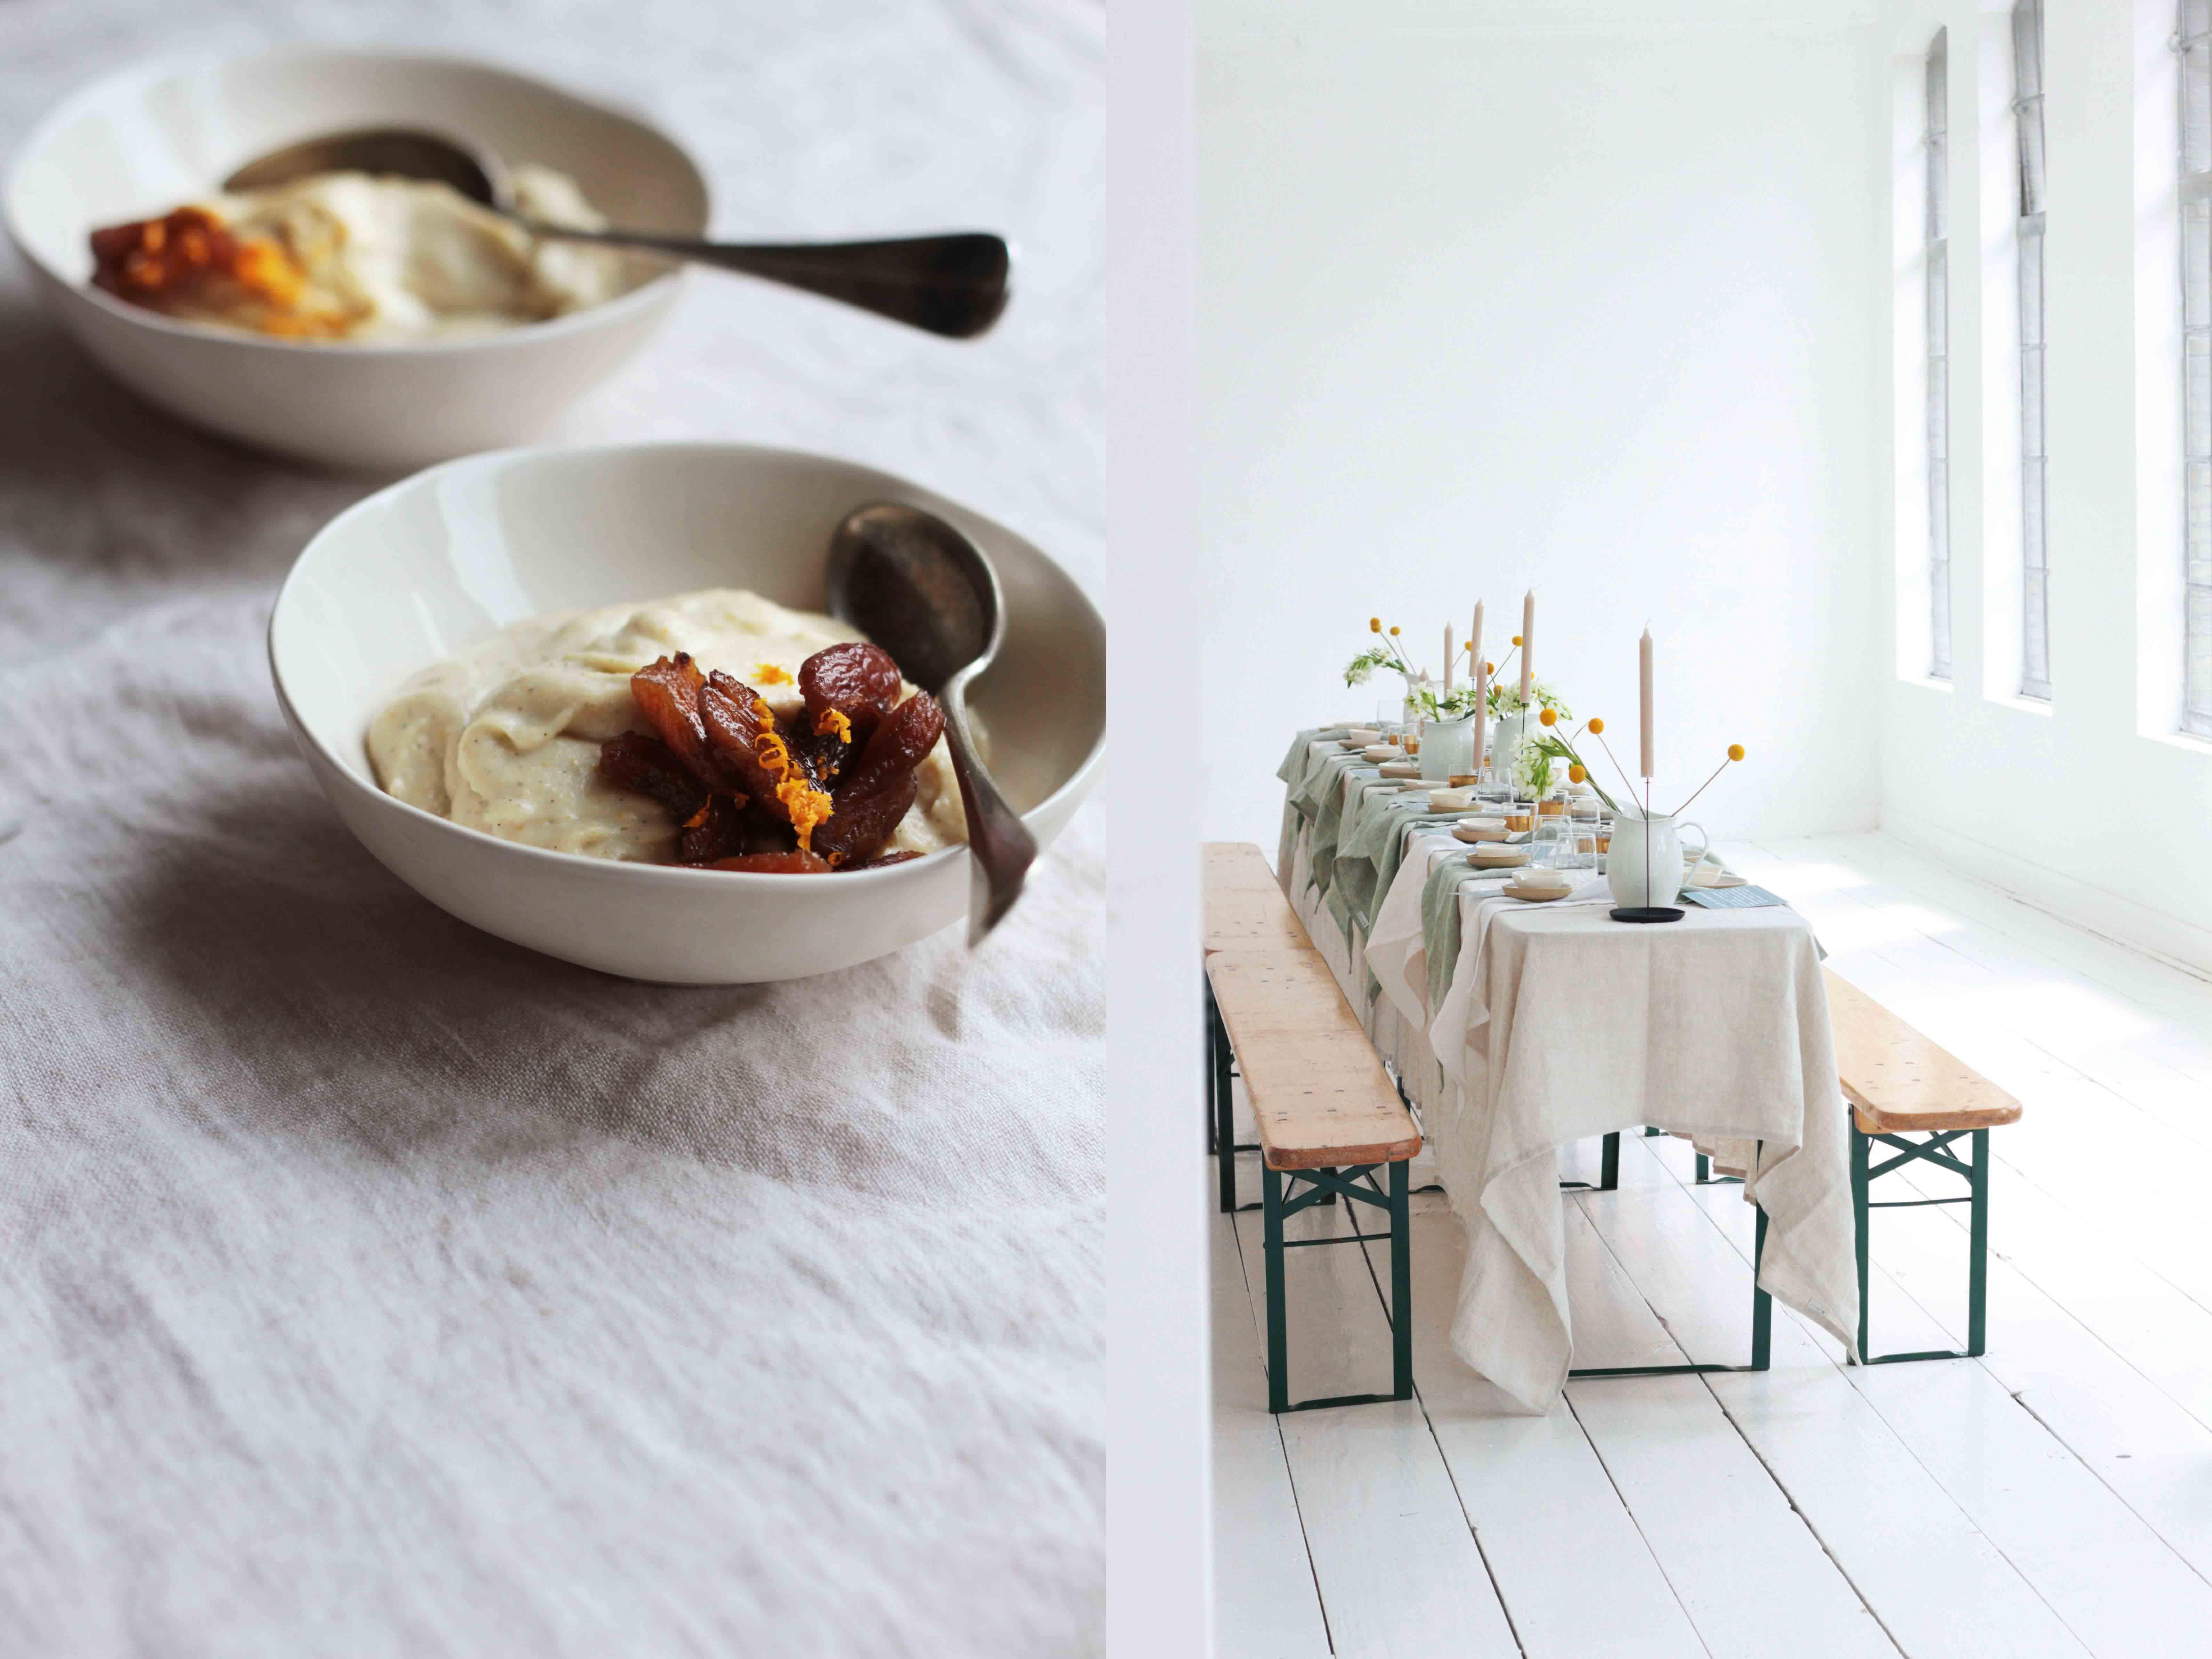 vegan cookbook launch porridge tableware linen